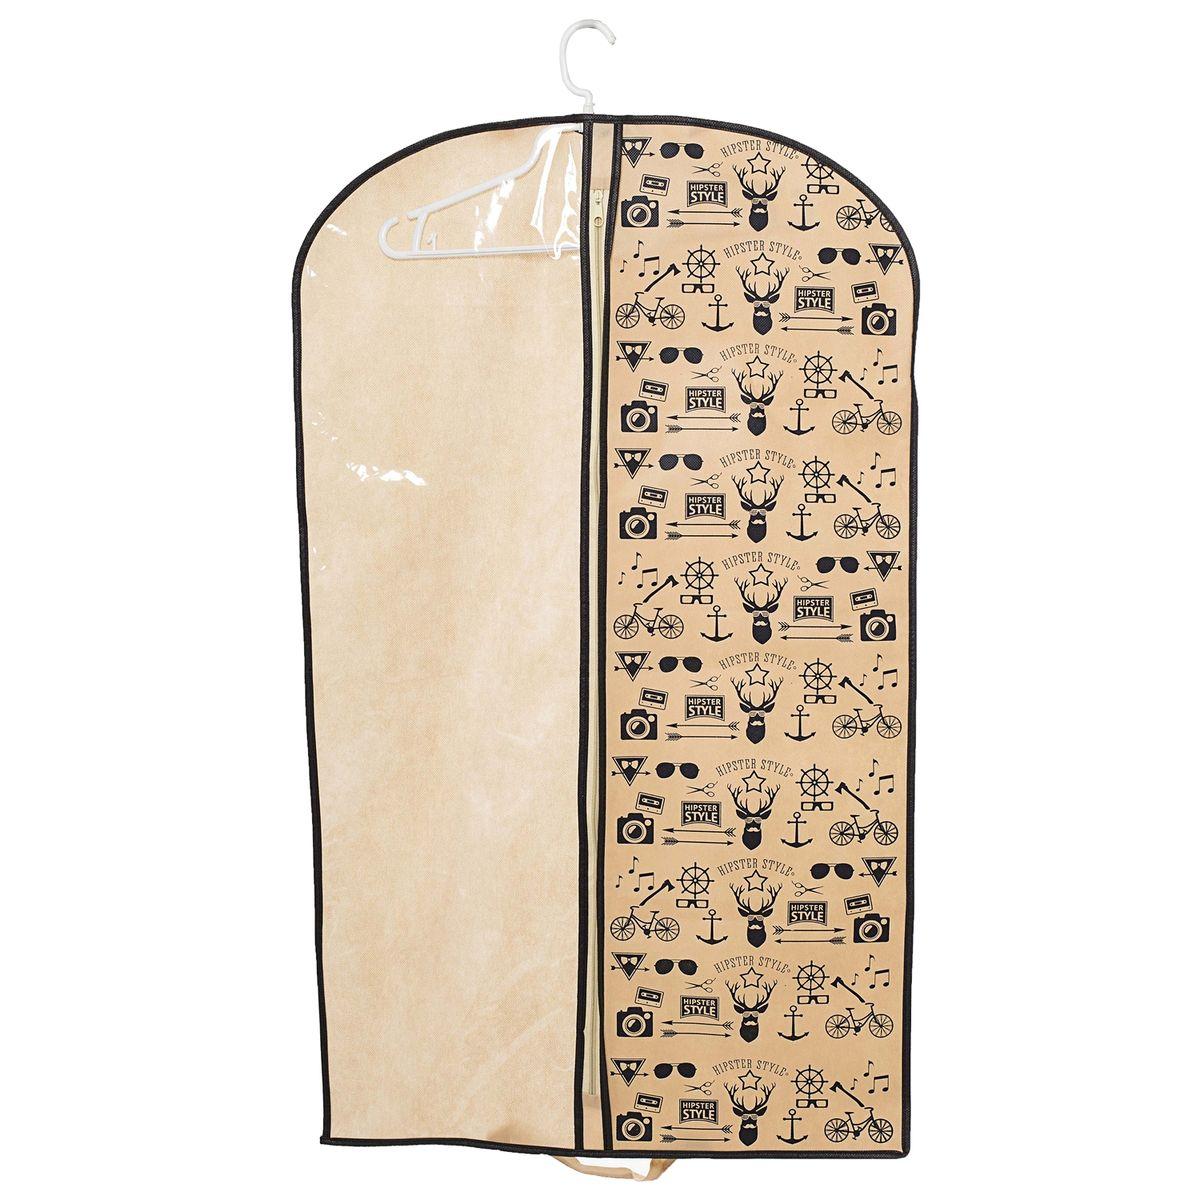 Чехол для одежды Homsu Hipster Style, подвесной, с прозрачной вставкой, 100 x 60 смHOM-200Подвесной чехол для одежды Homsu Hipster Style на застежке-молнии выполнен из высококачественного нетканого материала. Чехол снабжен прозрачной вставкой из ПВХ, что позволяет легко просматривать содержимое. Изделие подходит для длительного хранения вещей. Чехол обеспечит вашей одежде надежную защиту от влажности, повреждений и грязи при транспортировке, от запыления при хранении и проникновения моли. Чехол позволяет воздуху свободно поступать внутрь вещей, обеспечивая их кондиционирование. Это особенно важно при хранении кожаных и меховых изделий. Чехол для одежды Homsu Hipster Style создаст уютную атмосферу в гардеробе. Лаконичный дизайн придется по вкусу ценительницам эстетичного хранения и сделают вашу гардеробную изысканной и невероятно стильной. Размер чехла: 100 х 60 см.